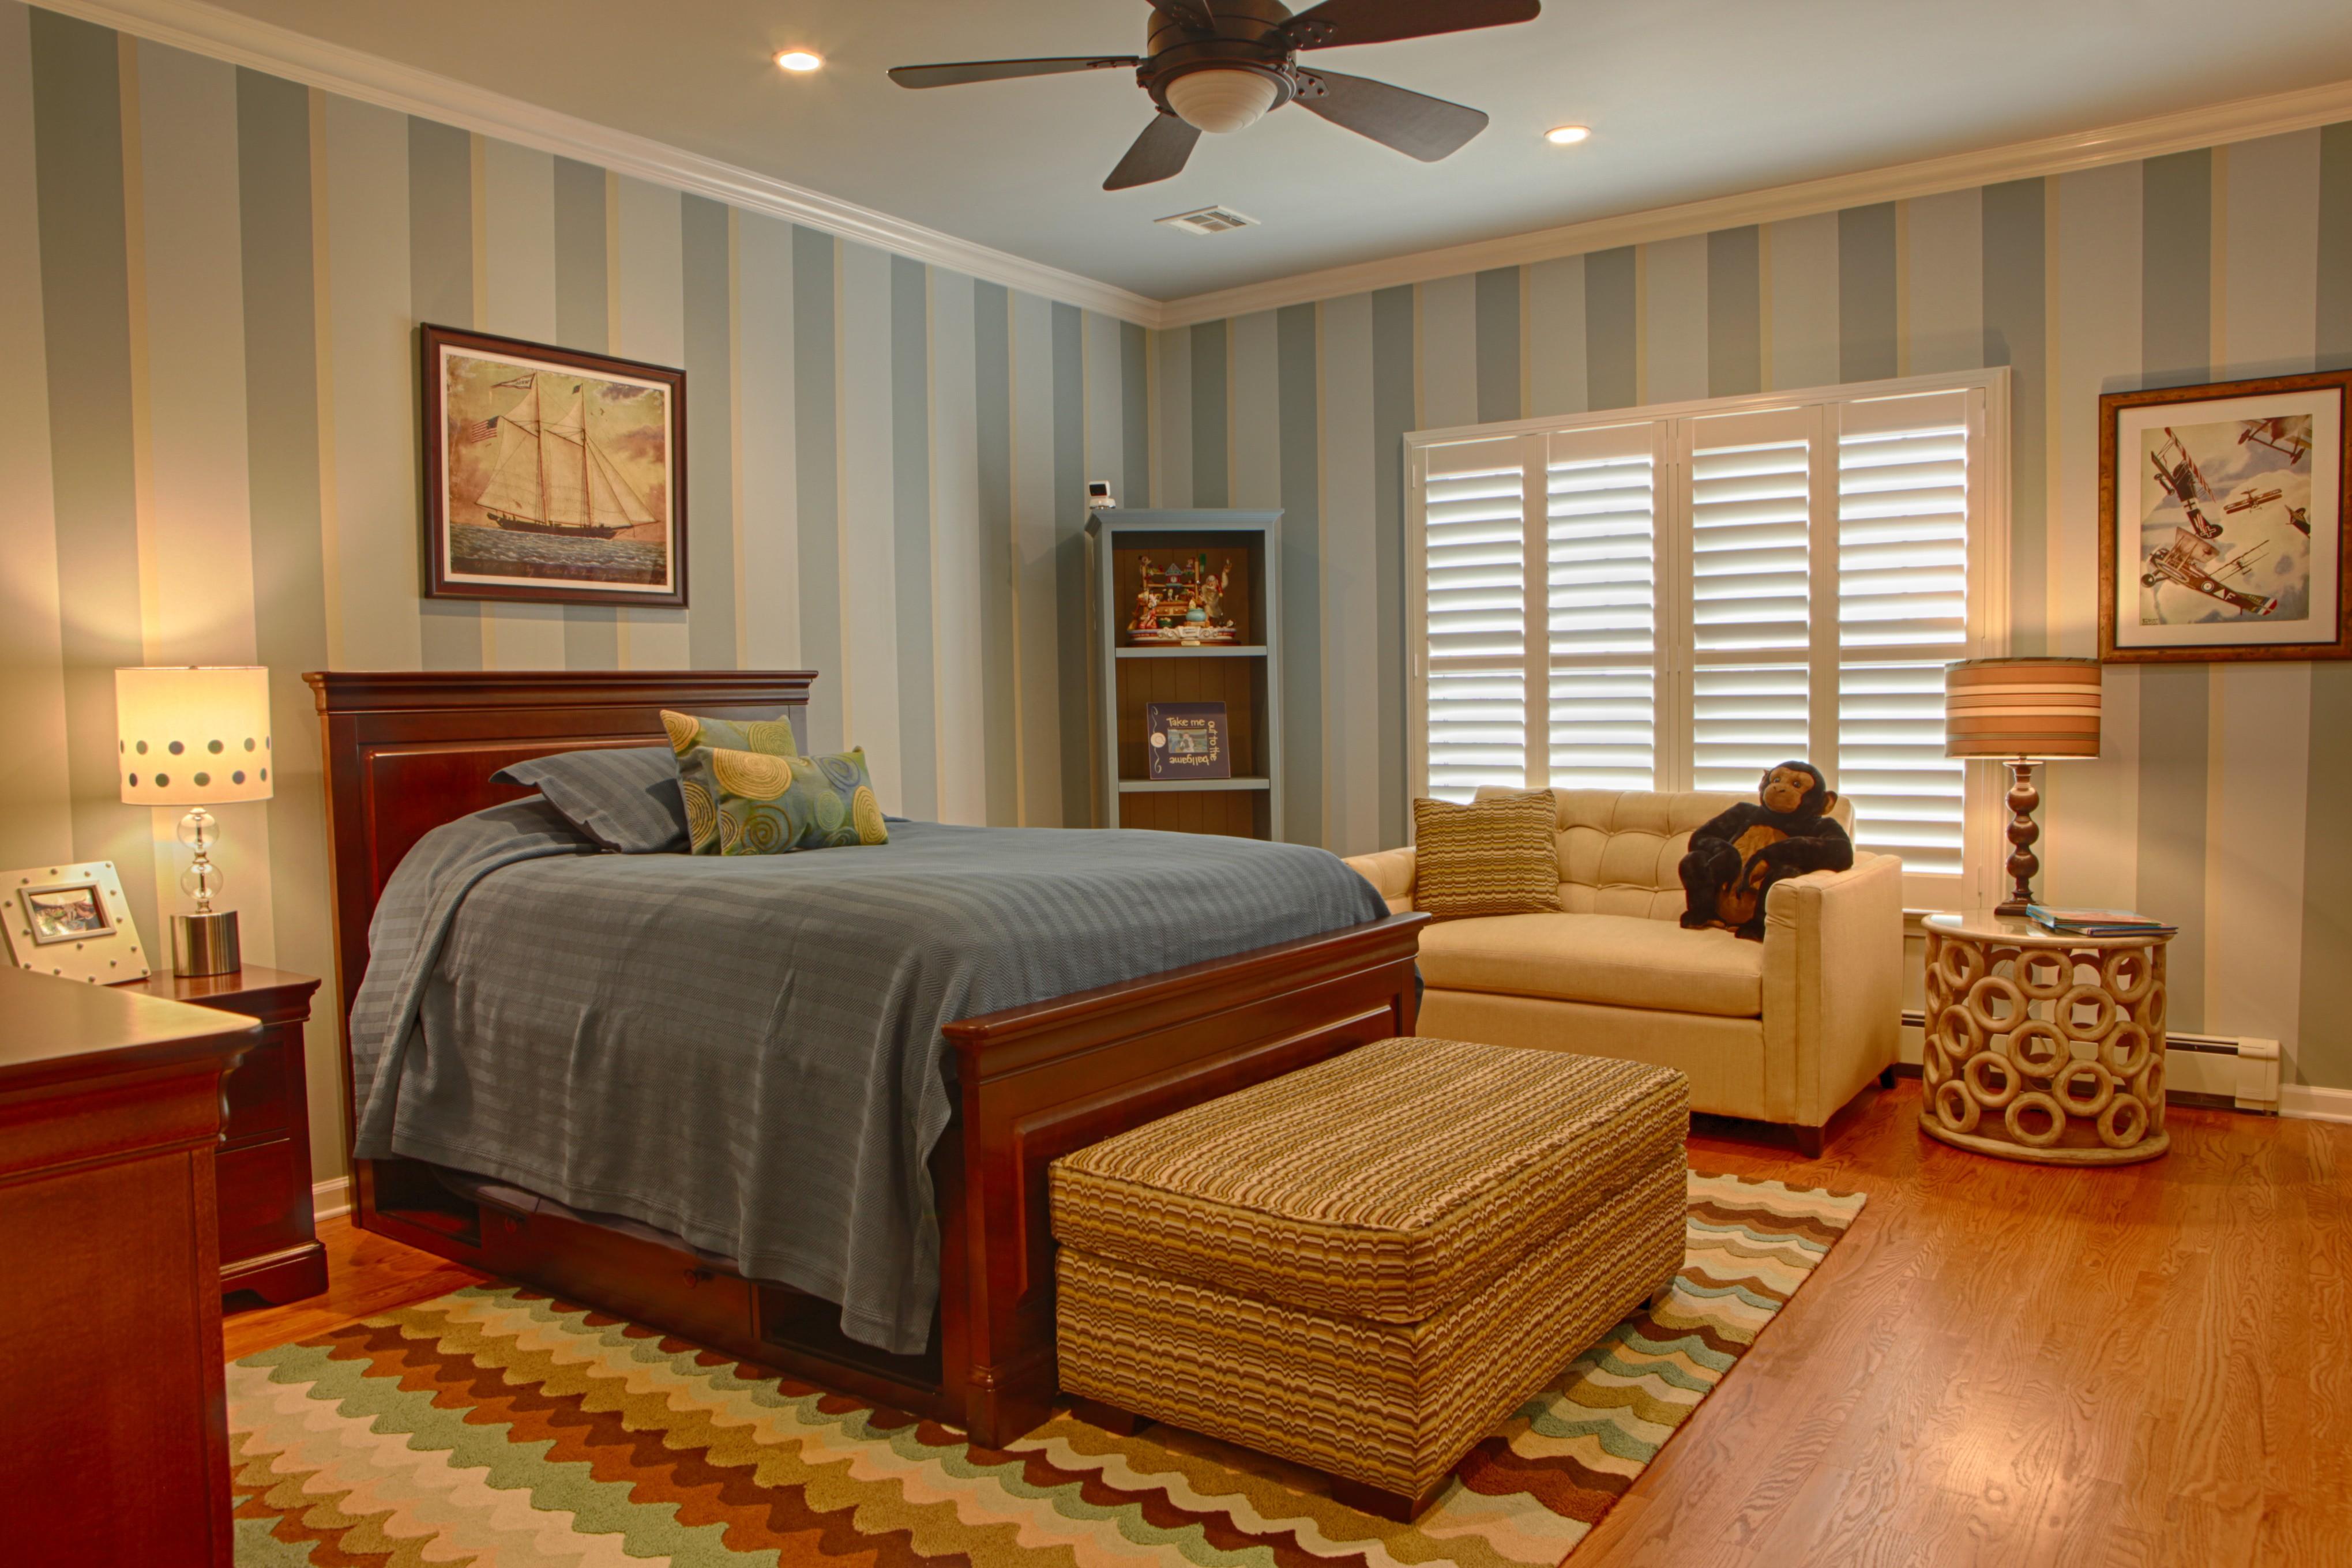 13 Amazing Diy Bedroom Decor Ideas Diy Home Decor